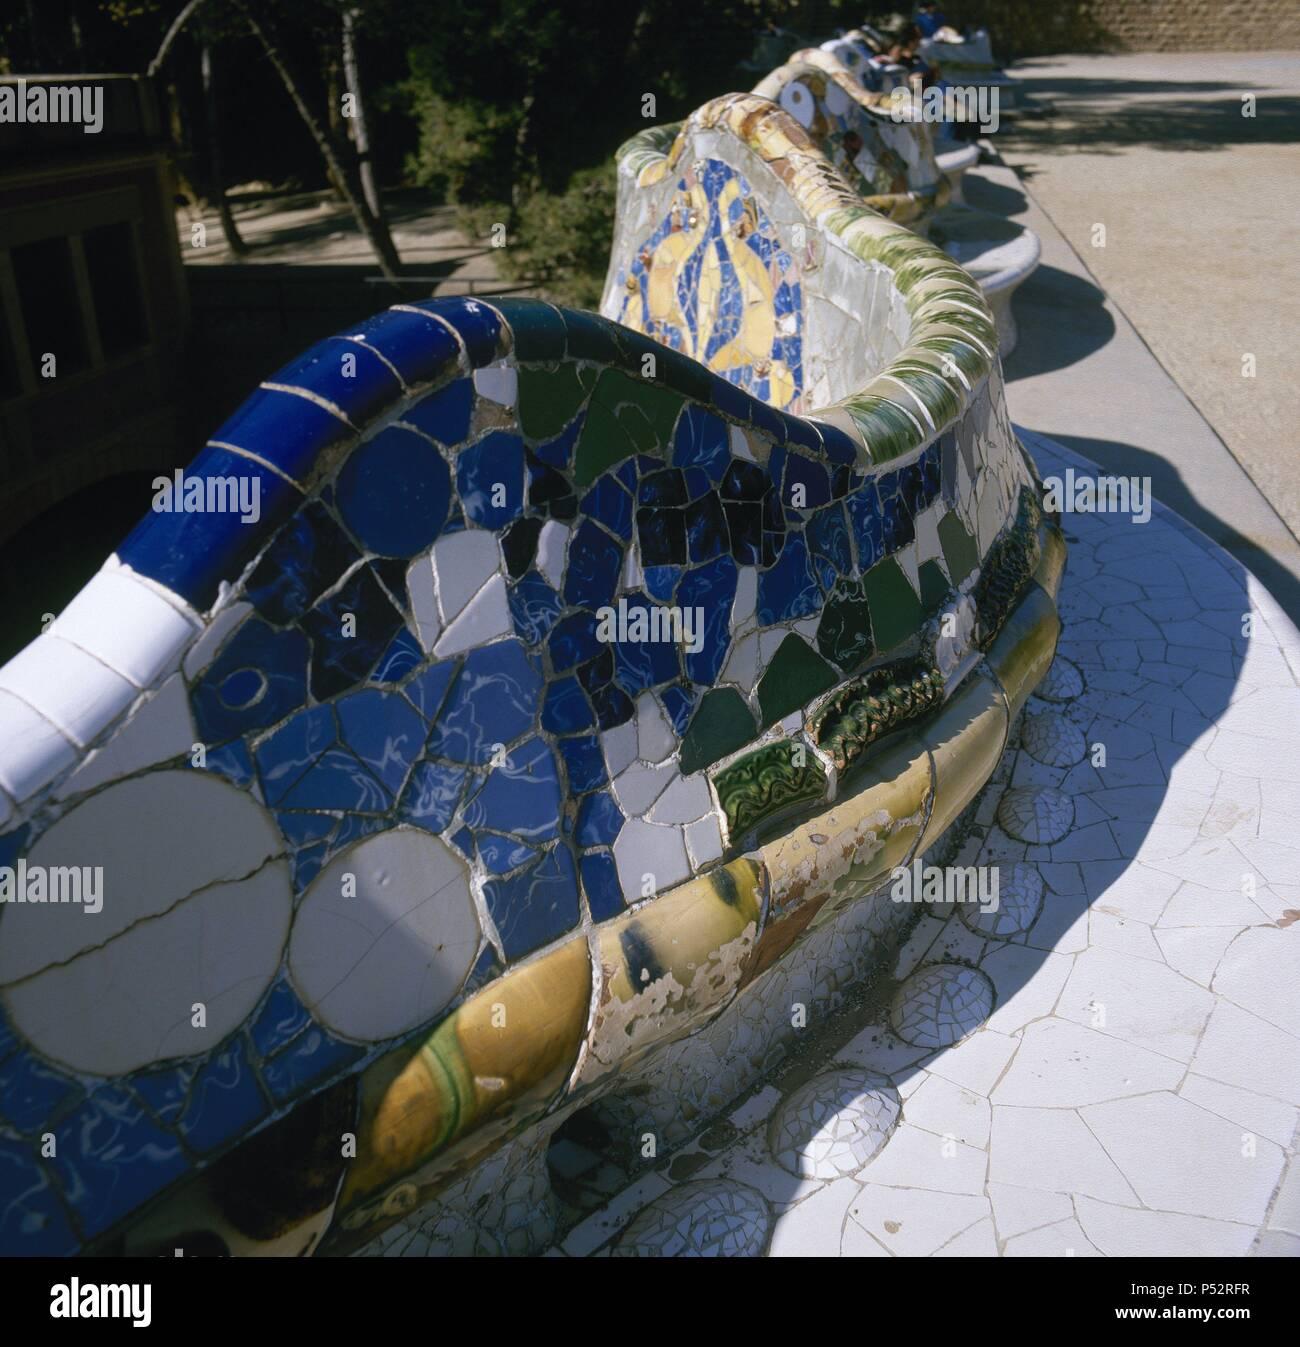 ARTE SIGLO XIX. El modernismo. ESPAÑA. Antoni Gaudí (Reus, 1852 - Barcelona, 1926). Arquitecto catalán, figura clave del modernismo. El Parque Güell (1900-1914). Concebido como ciudad-jardín a iniciativa del banquero Eusebi Güell. Detalle del gran BANCO ONDULADO DE CERAMICA, en cuya decoración also intervino Josep Maria Jujol. BARCELONA. Cataluña. Imagen De Stock